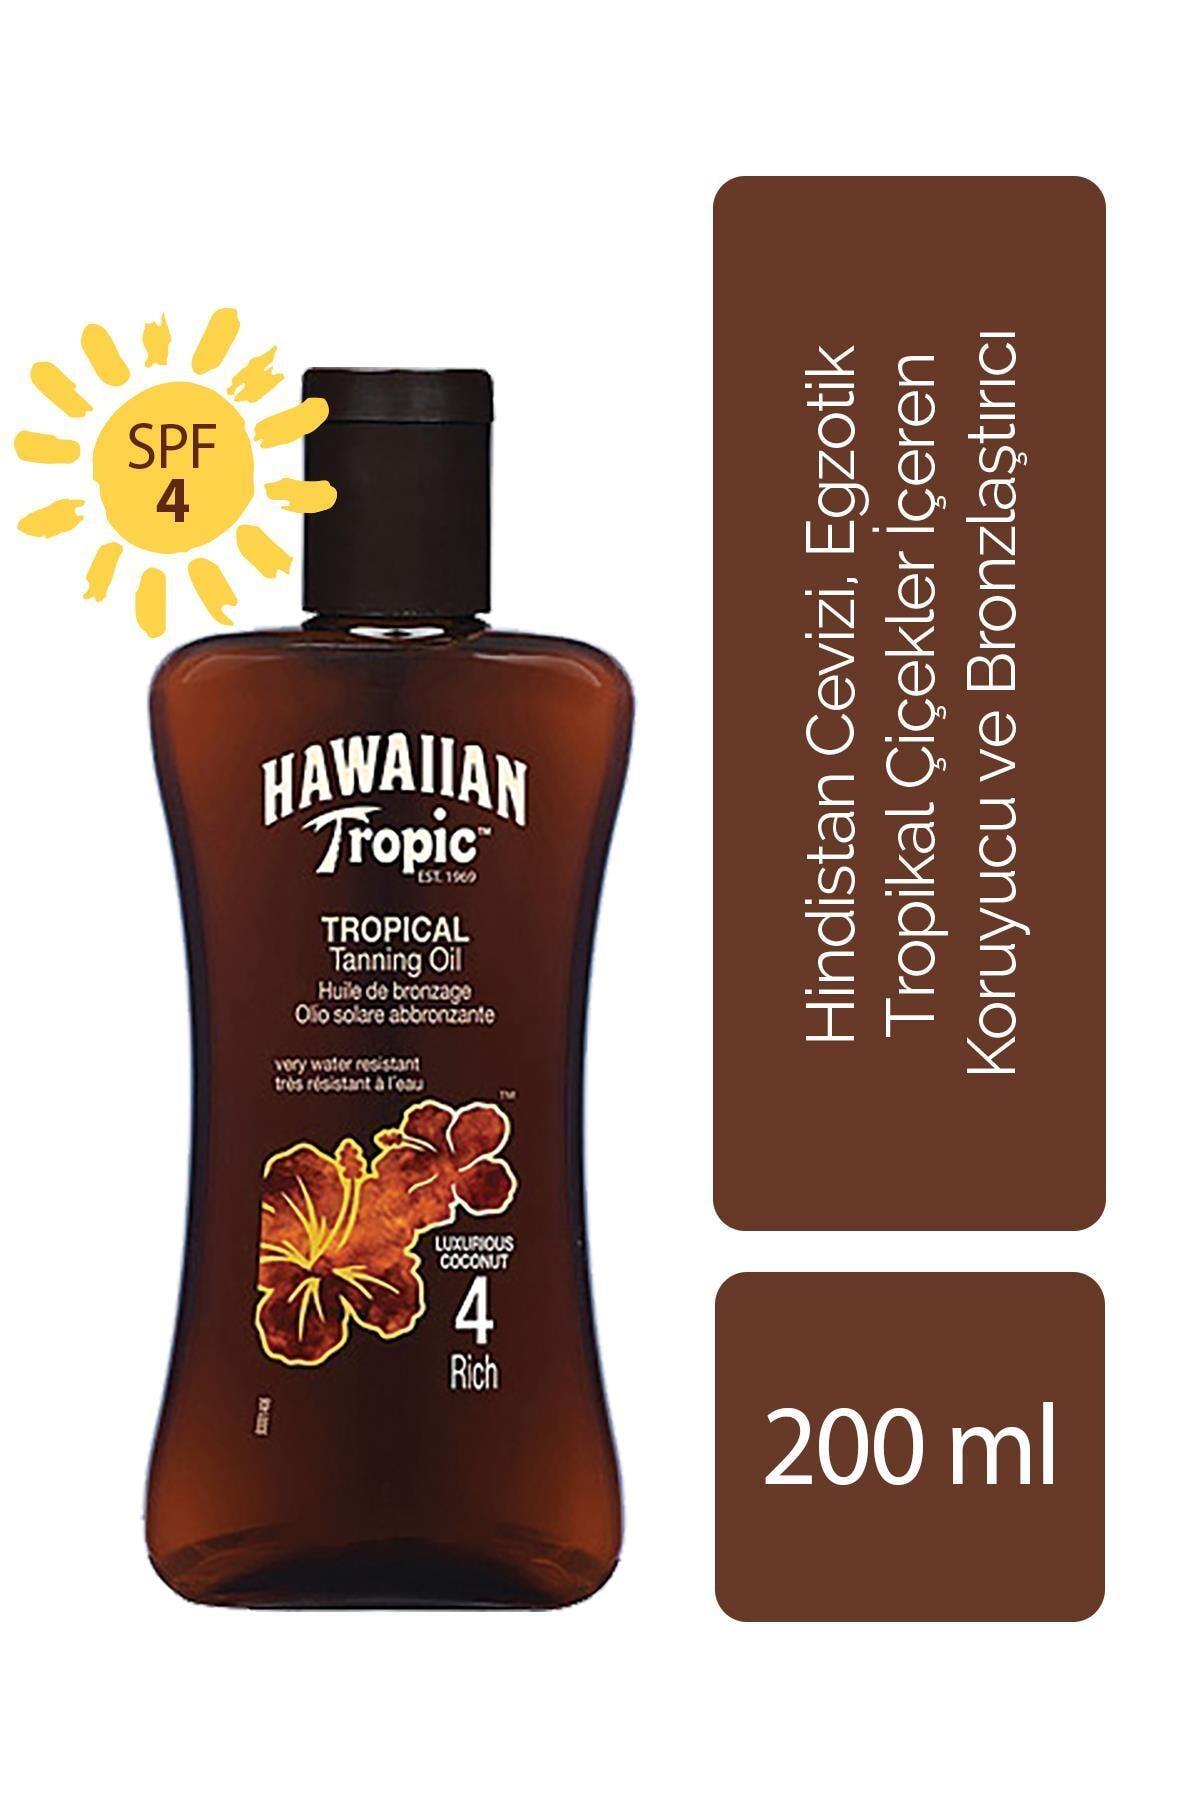 Hawaiian Tropic Hindistan Cevizi, Egzotik Tropikal Çiçekler İçeren Koruyucu Ve Bronzlaştırıcı Yağ Spf 4 0